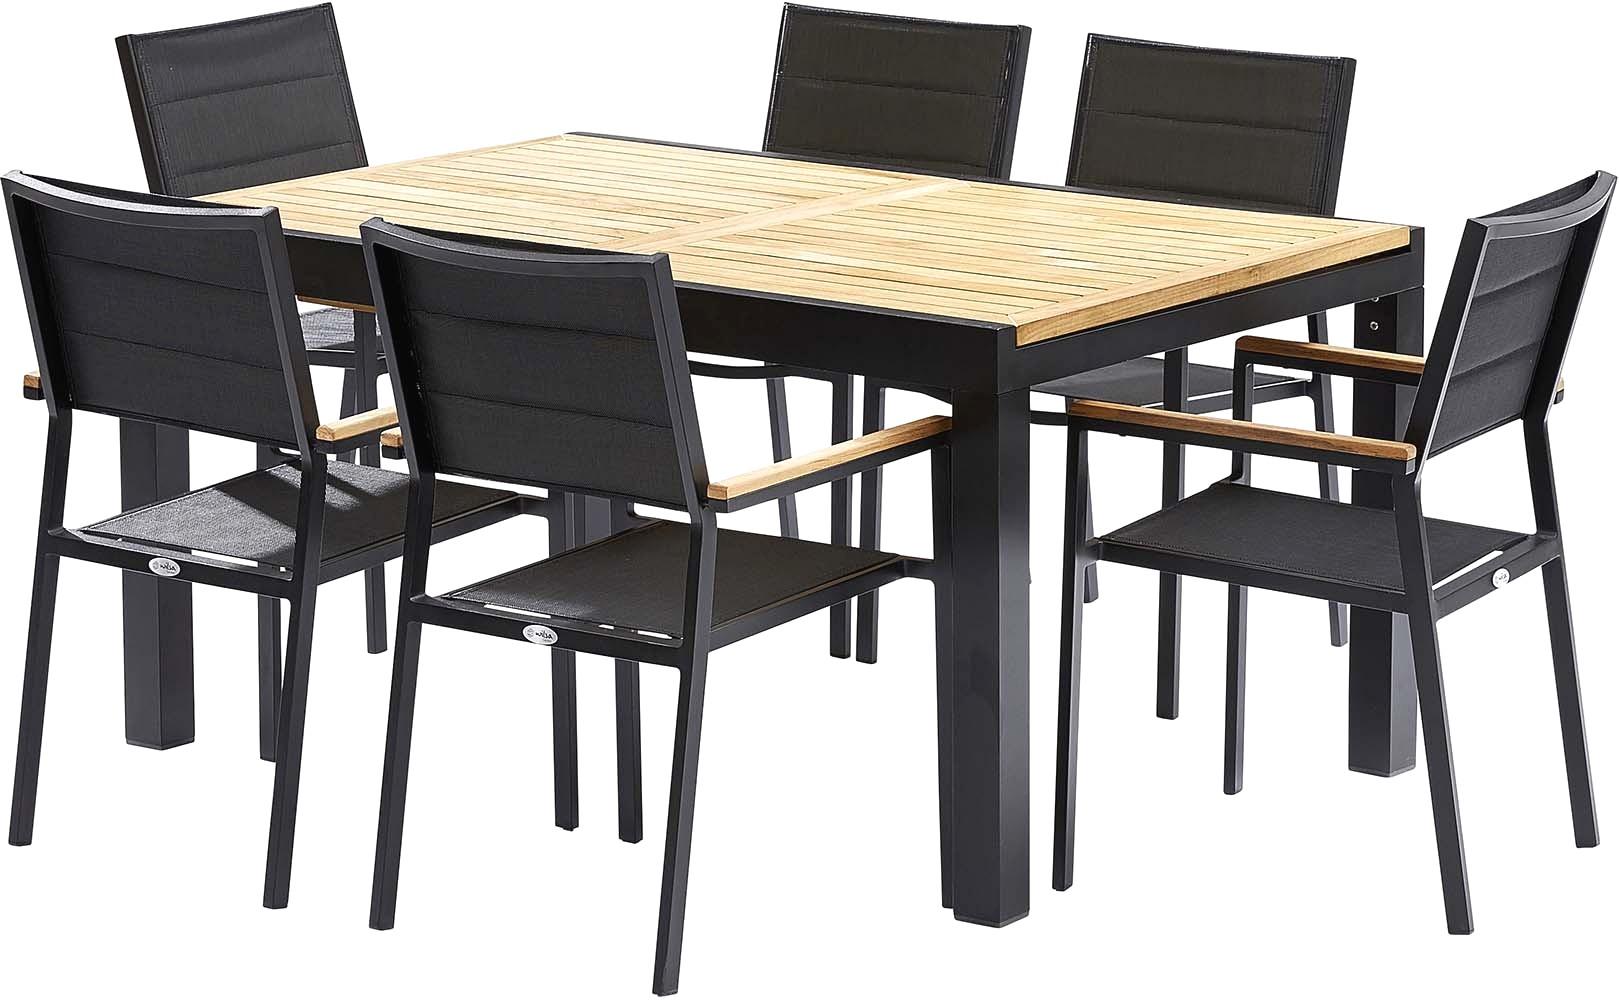 Table De Jardin Avec Chaise Pas Cher Conception - Idees ... concernant Table De Jardin Avec Chaise Pas Cher